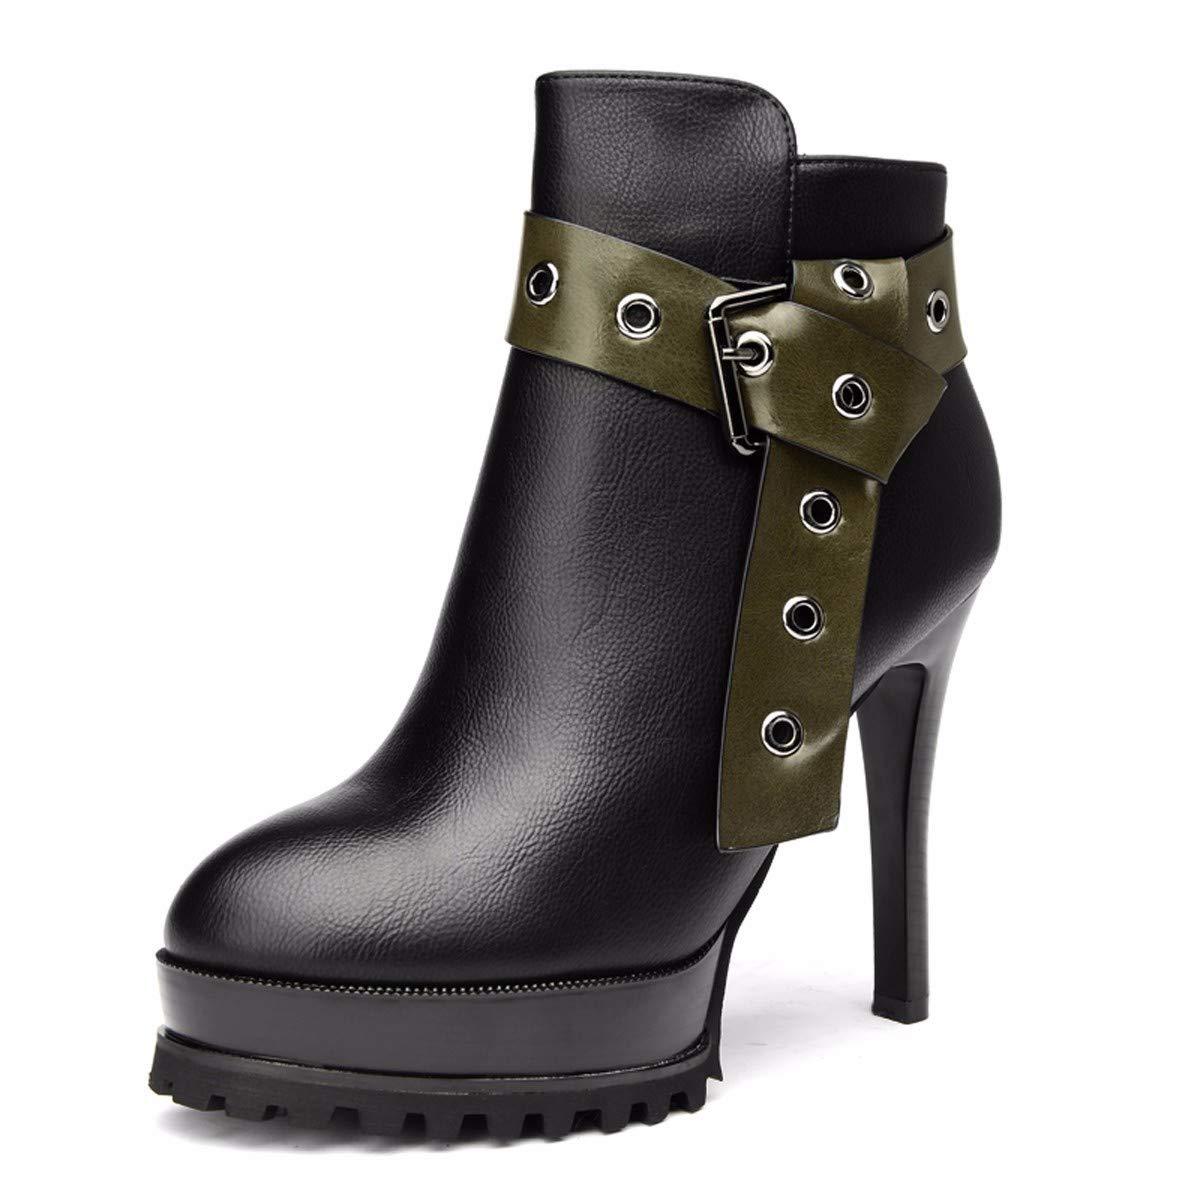 LBTSQ-Mode Damenschuhe Kurze Stiefel Mit Hohen 11Cm Dünne Sohle Wasserdichte Plattform Wild - Gürtel Gürtel Samt Ma Dingxue